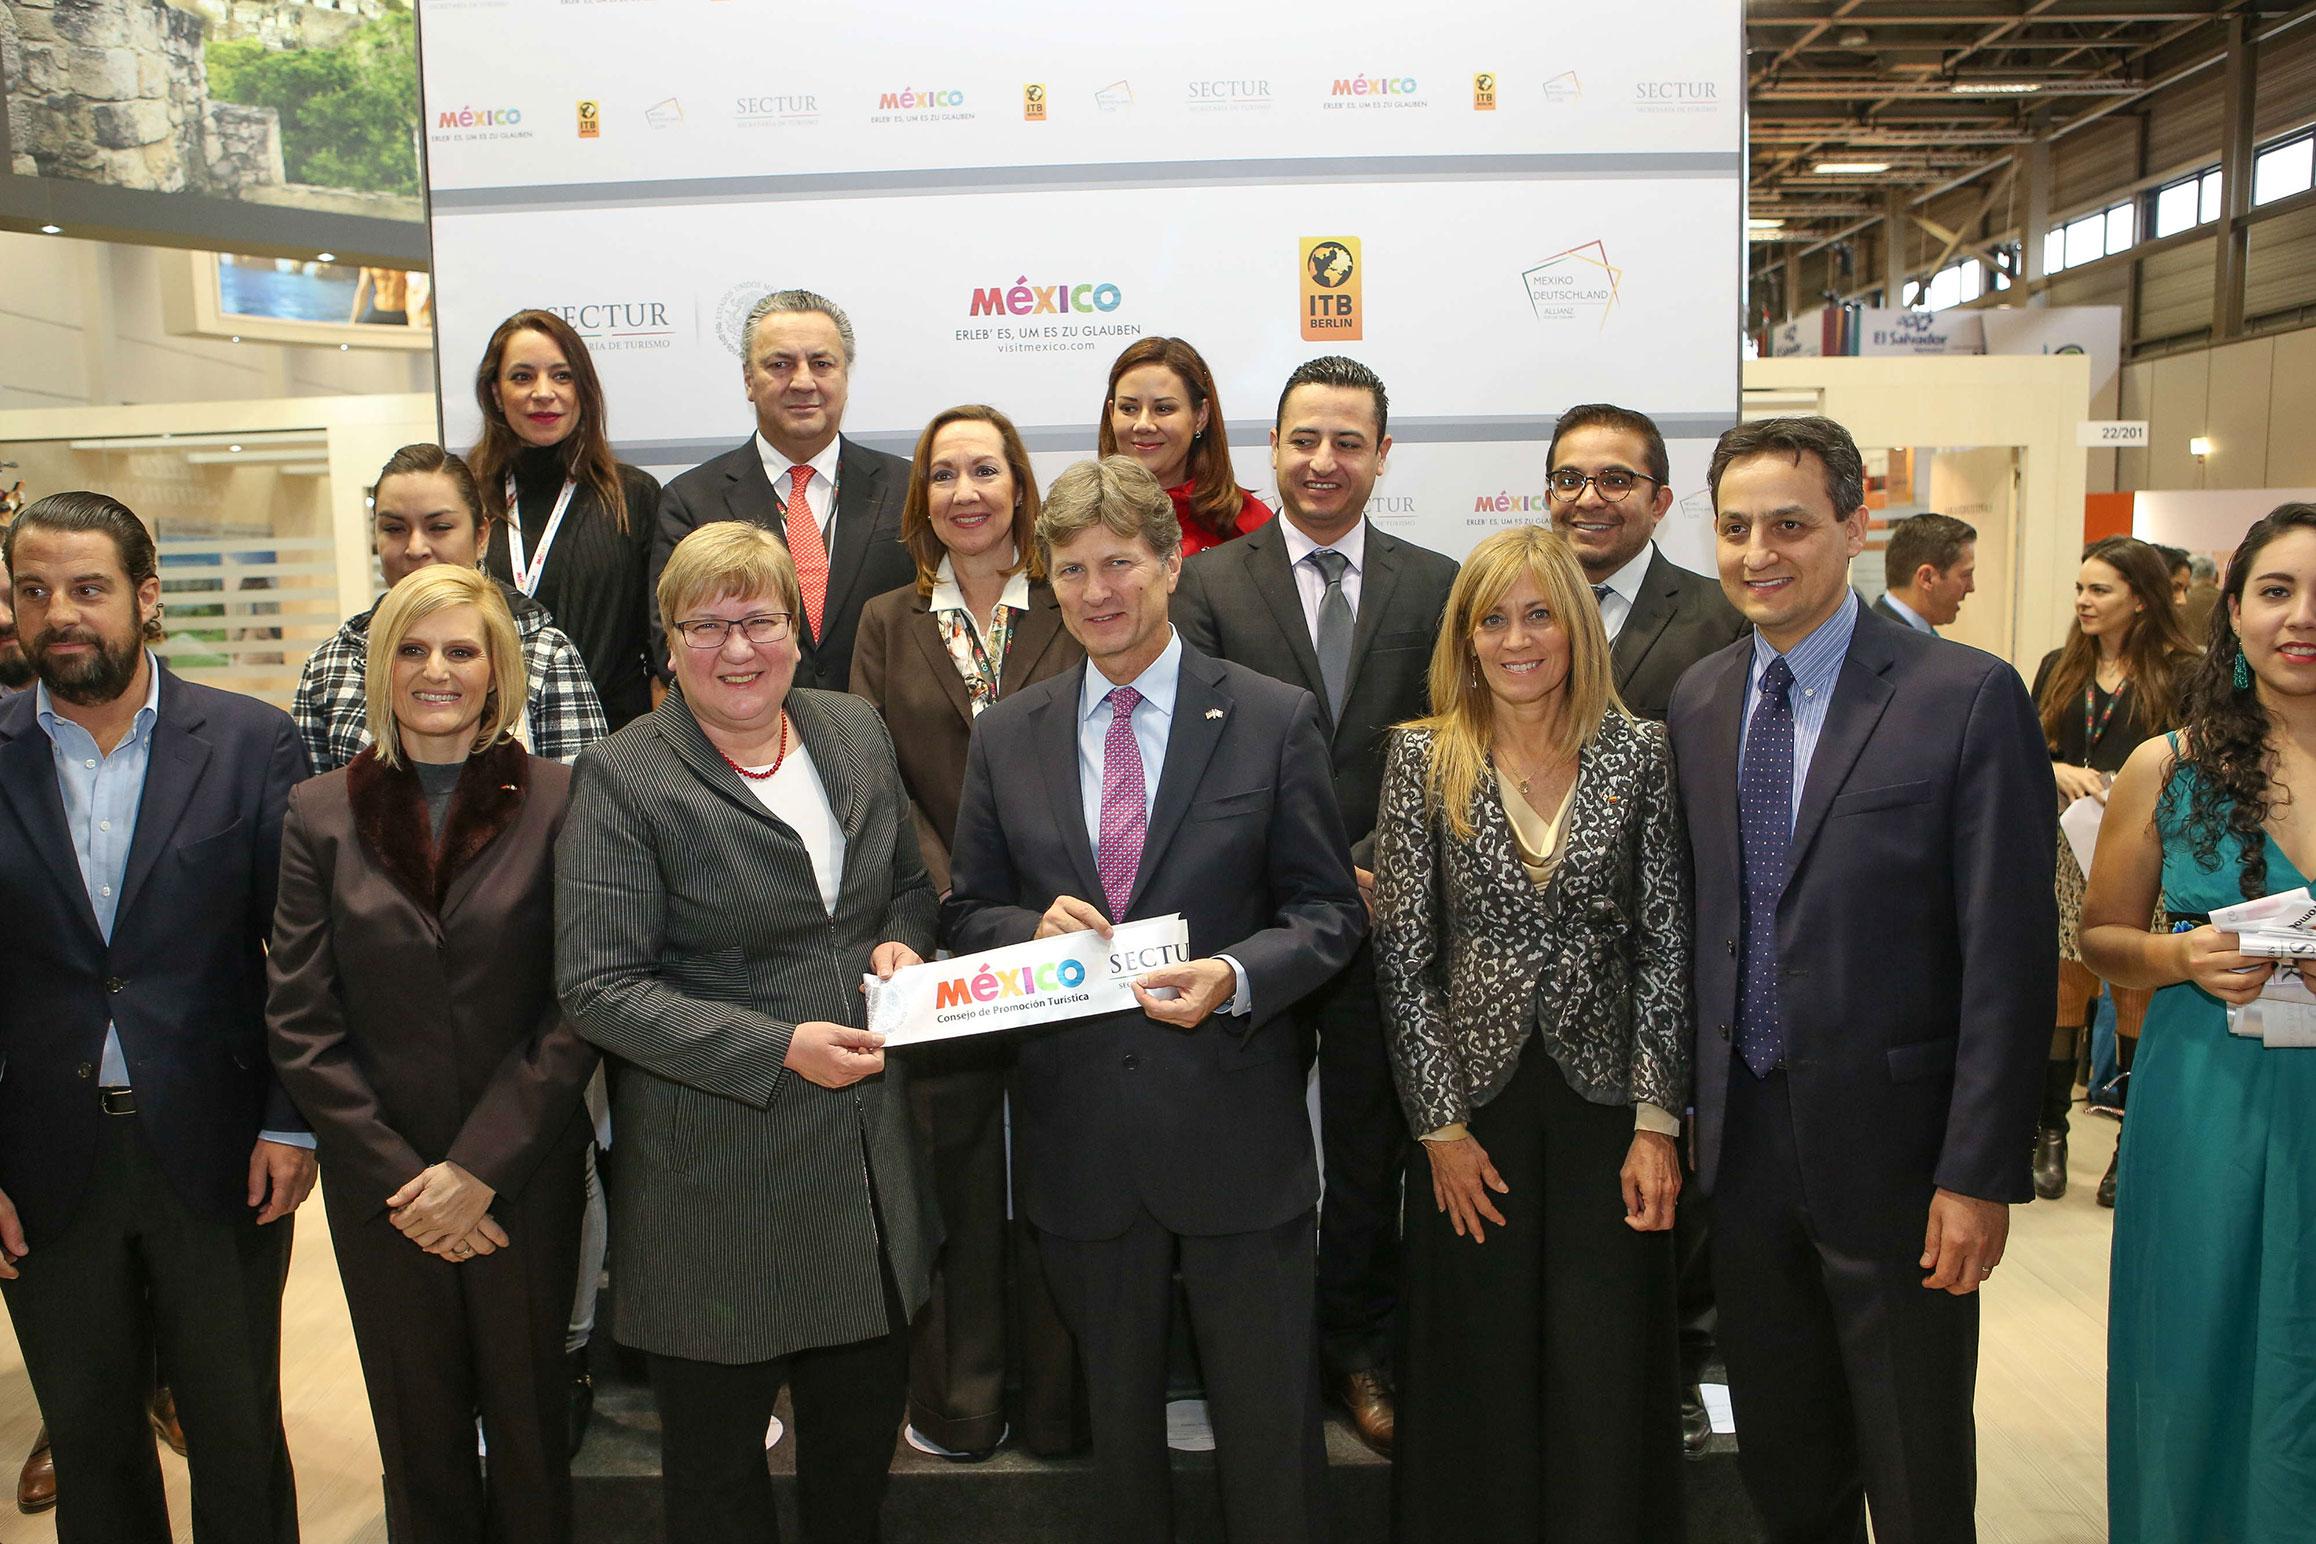 El secretario de Turismo de México, Enrique de la Madrid Cordero, con Iris Gleicke, coordinadora federal de Turismo de Alemania